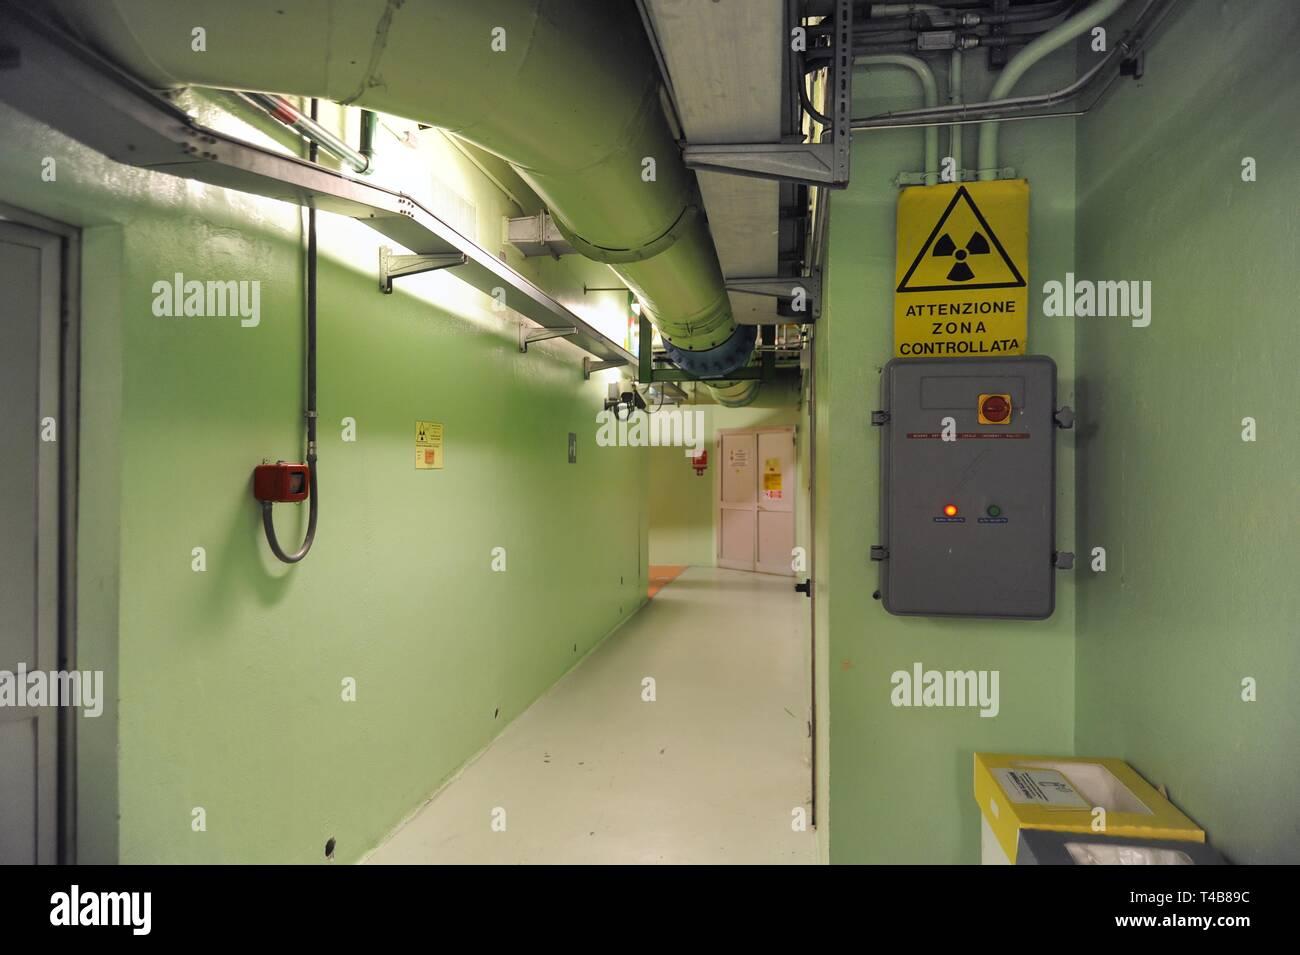 Trino Vercellese estación de energía nuclear, en el proceso de desactivación por la empresa Sogin, responsable del desmantelamiento de las centrales nucleares de Italia después de los referendos populares de 1987 y 2011 Foto de stock